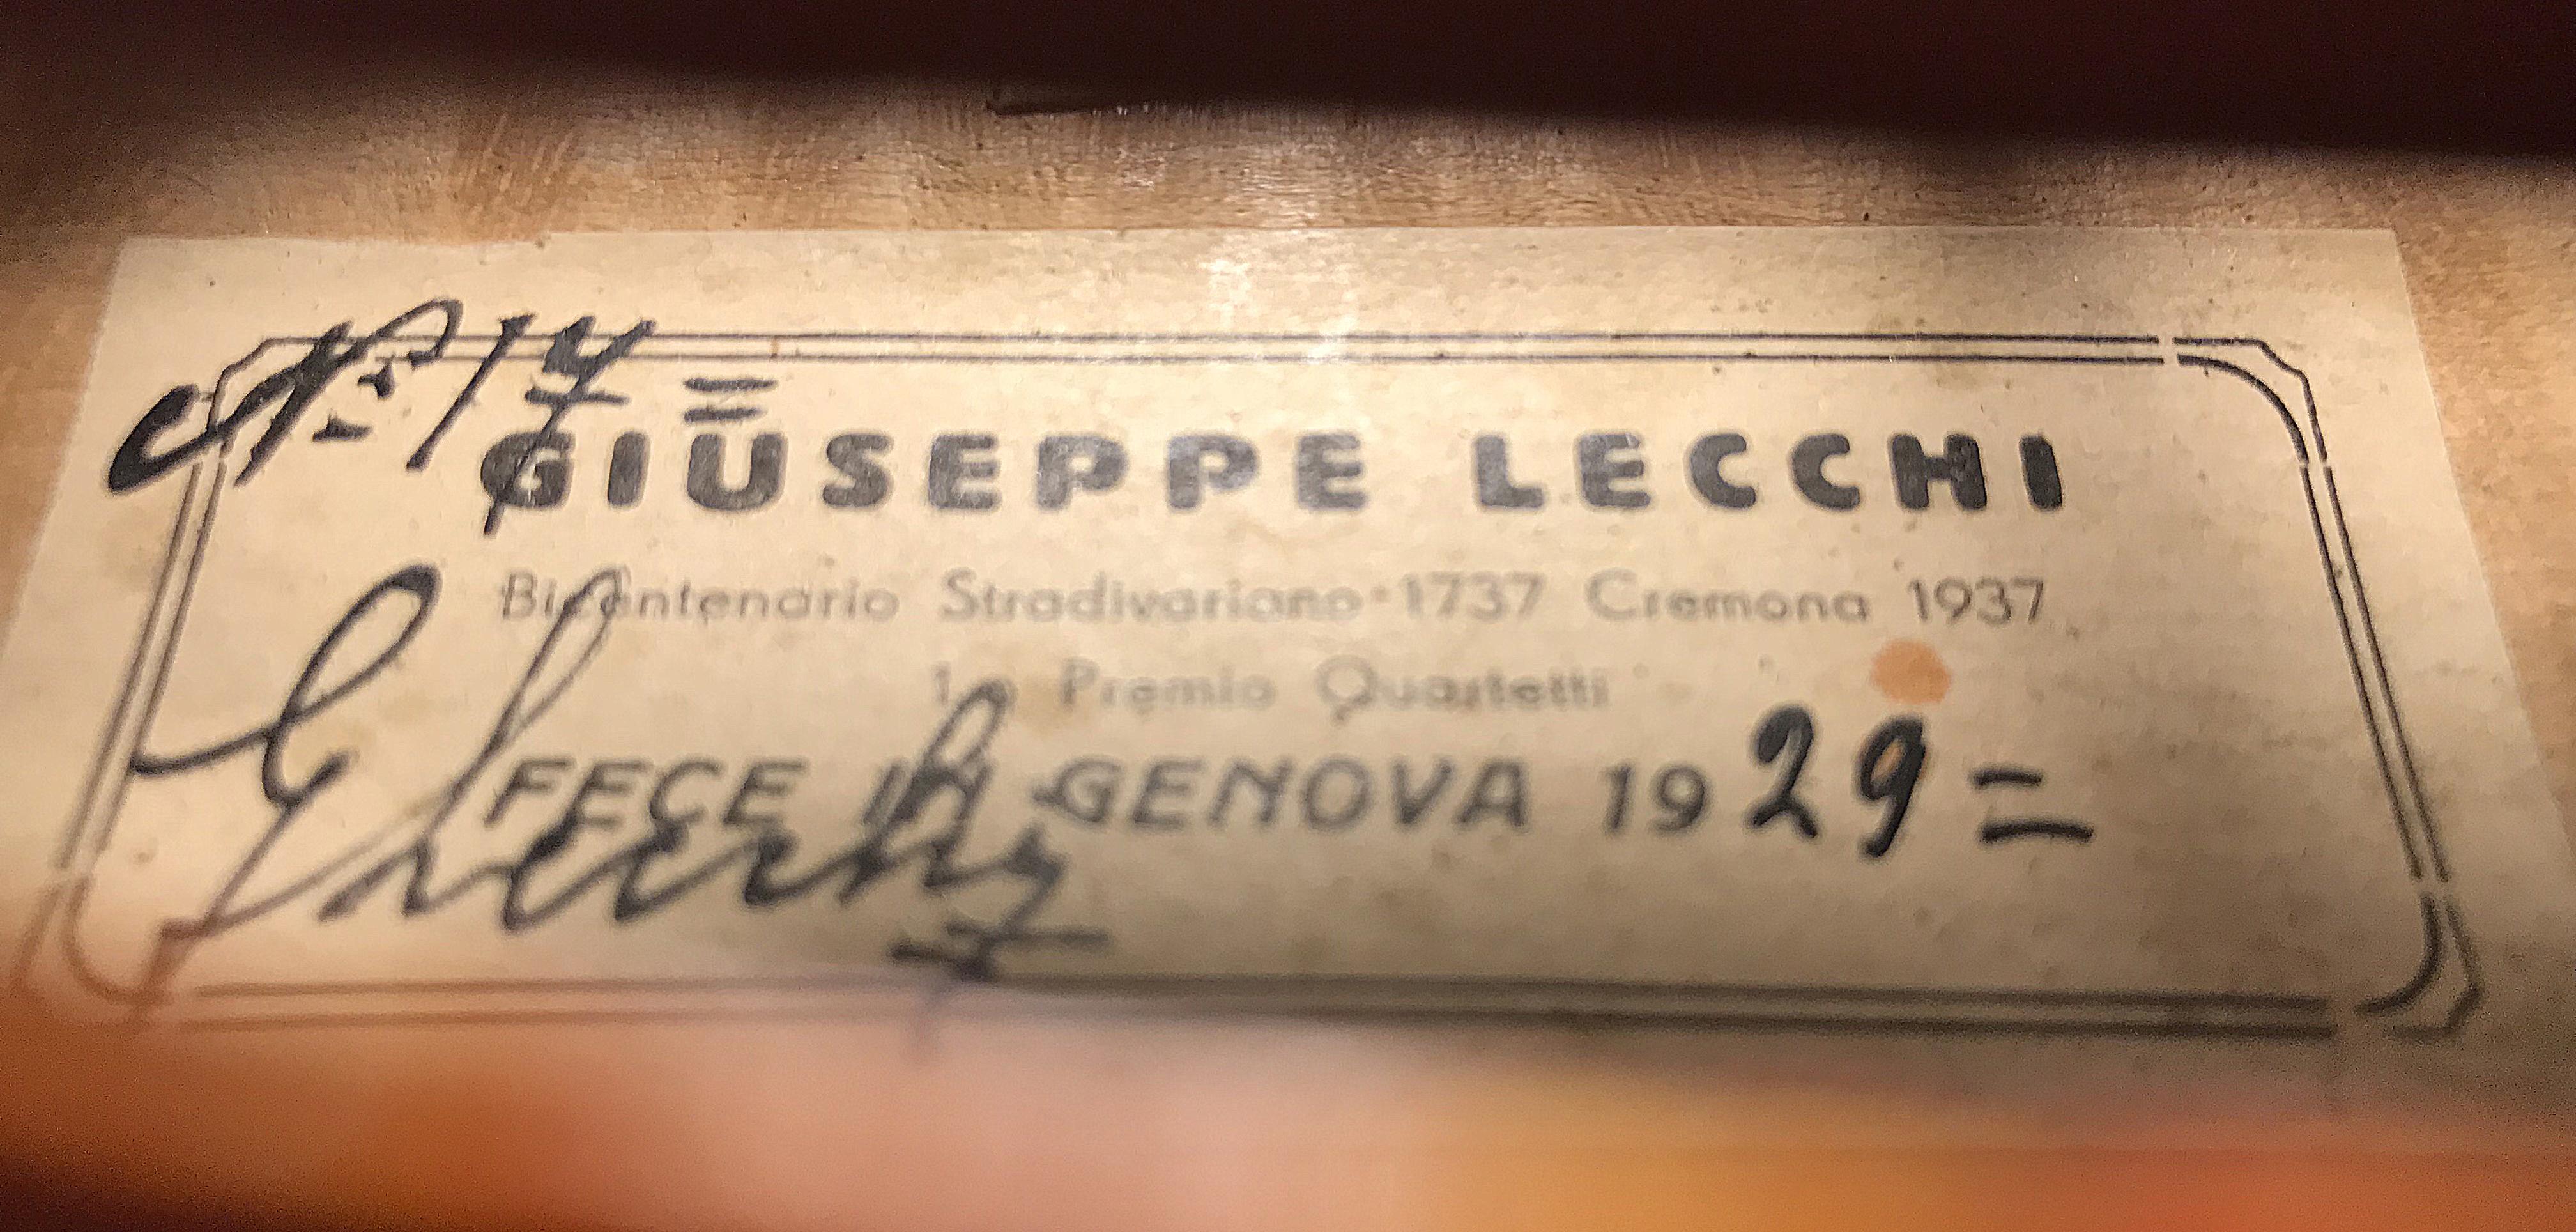 Violín Giuseppe Lecchi 1929